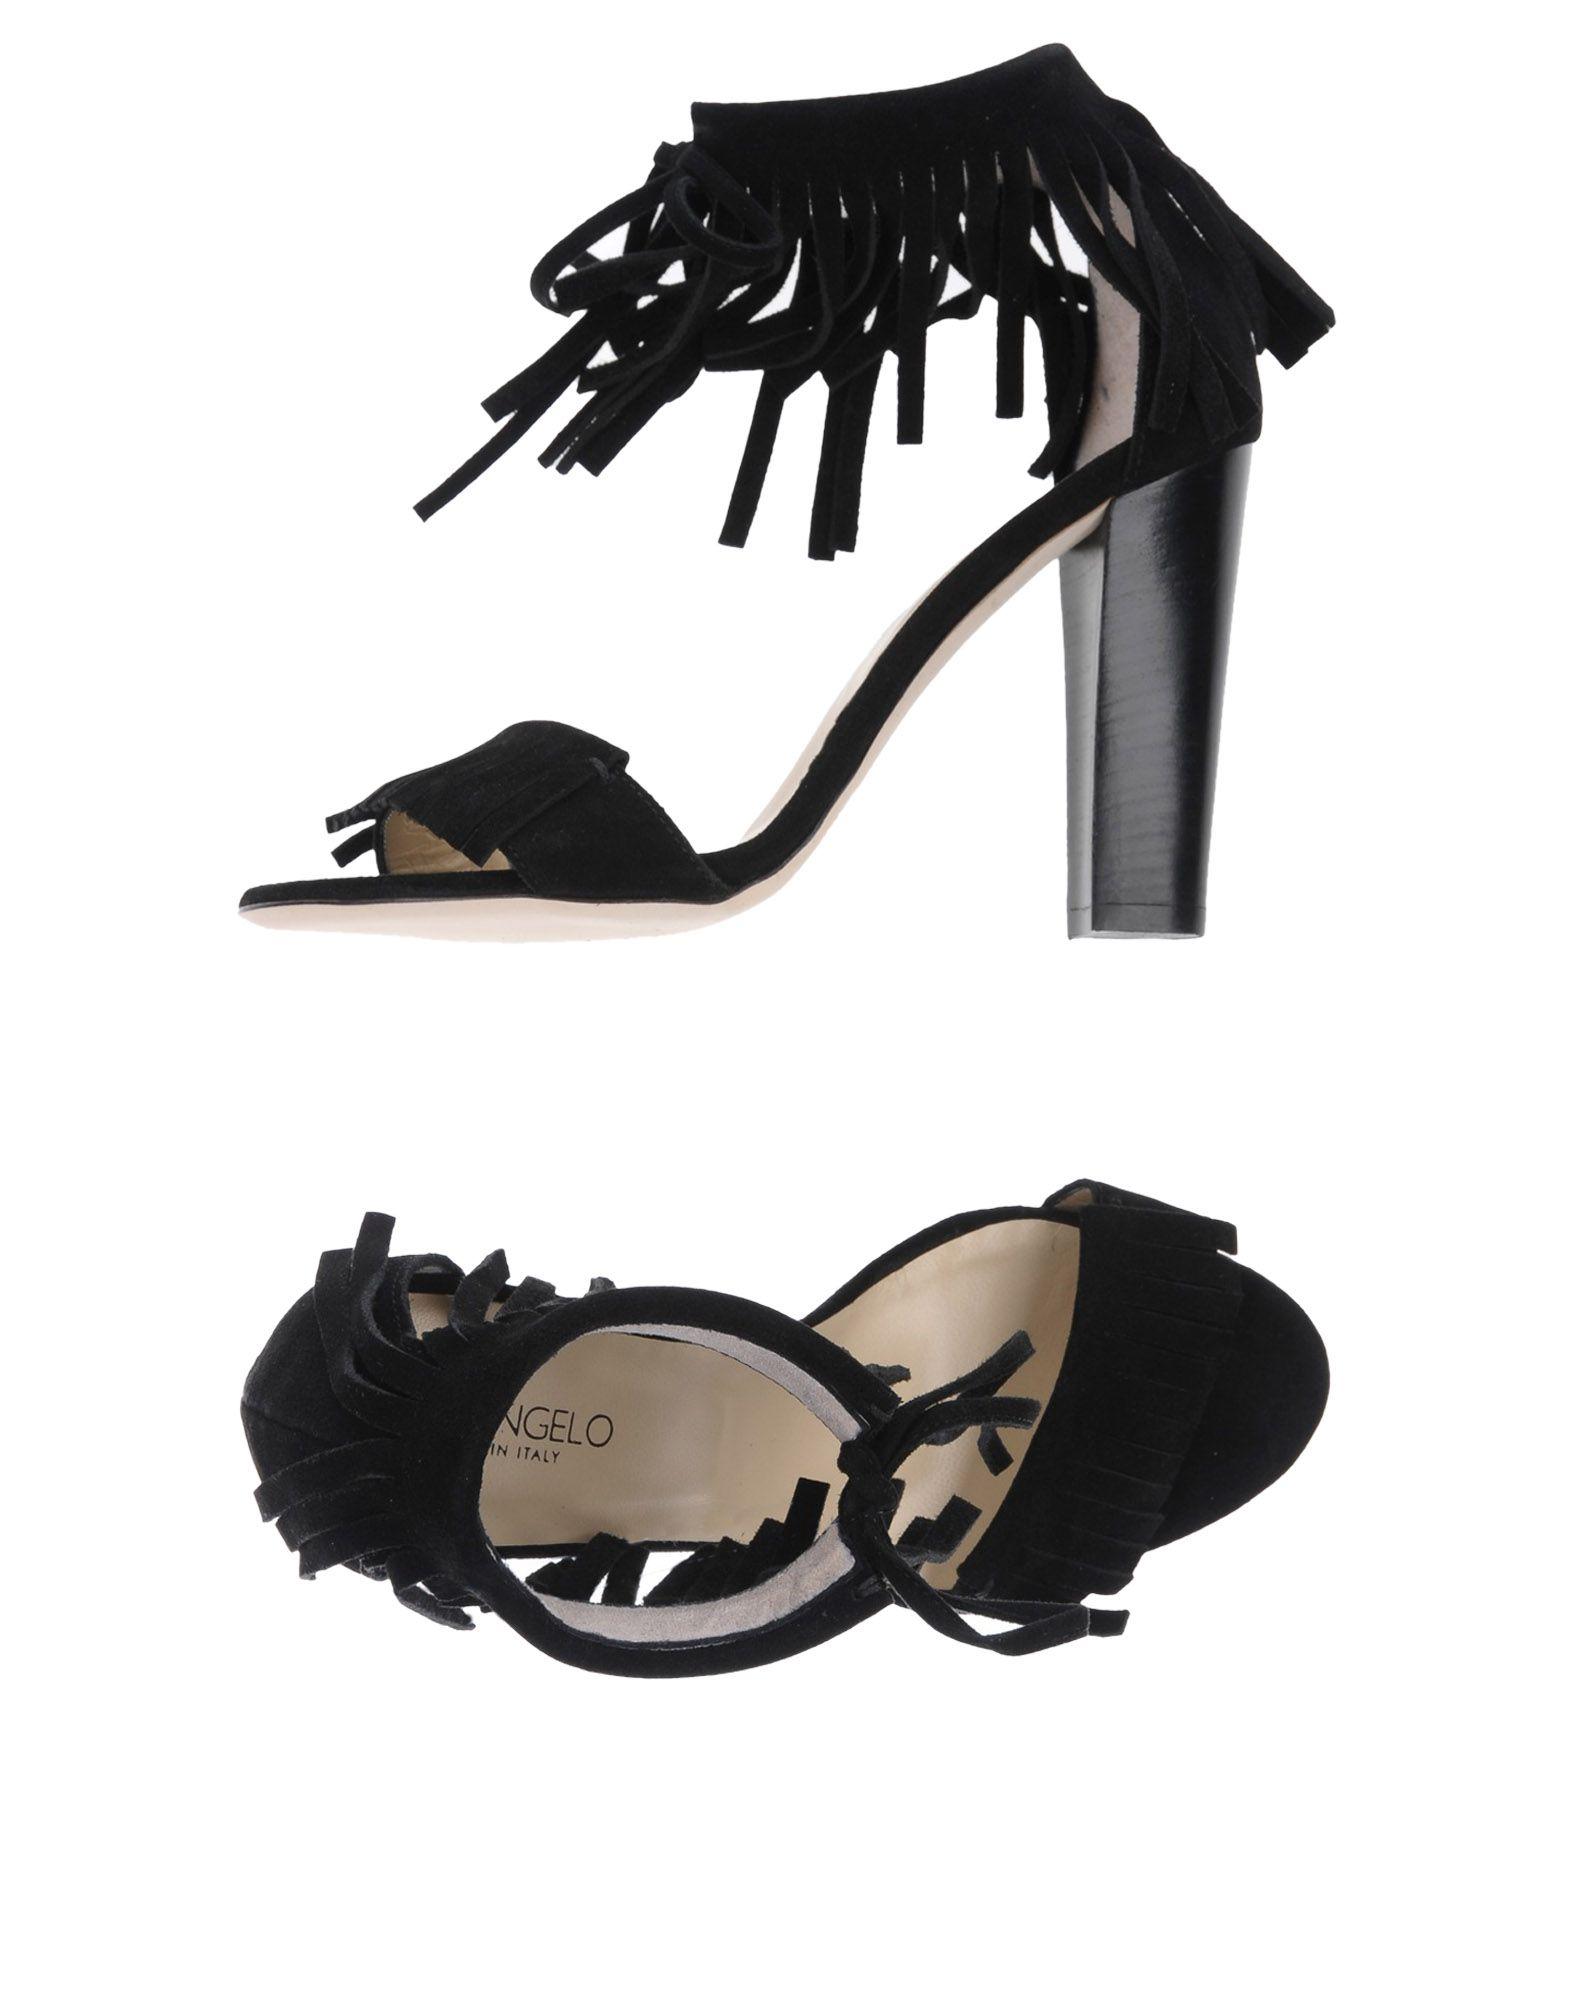 Fiorangelo Sandalen Damen  11378223AO Gute Qualität Schuhe beliebte Schuhe Qualität eb2bb1